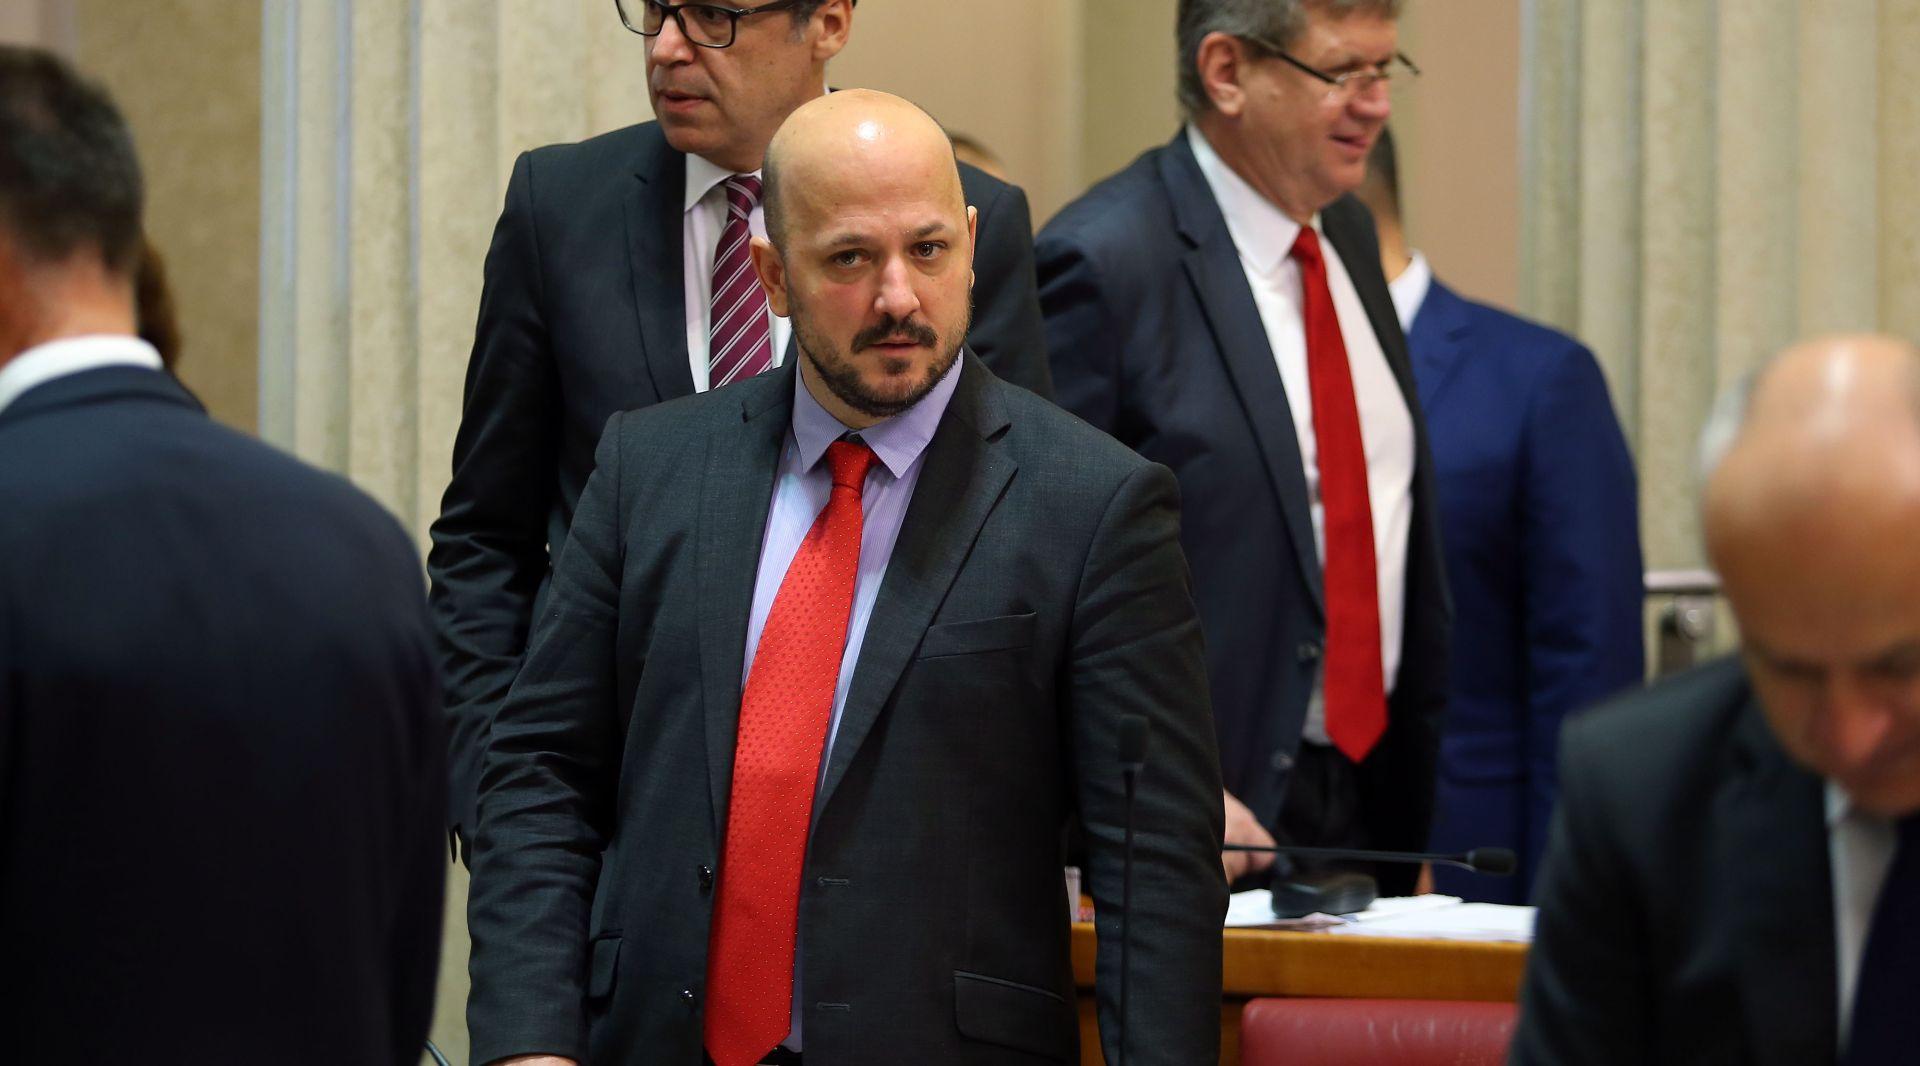 """Maras kritizirao Vladu i poreznu reformu: """"Njima za nagradu poreznom reformom plaće skoro 6 tisuća gore. Bravo!"""""""